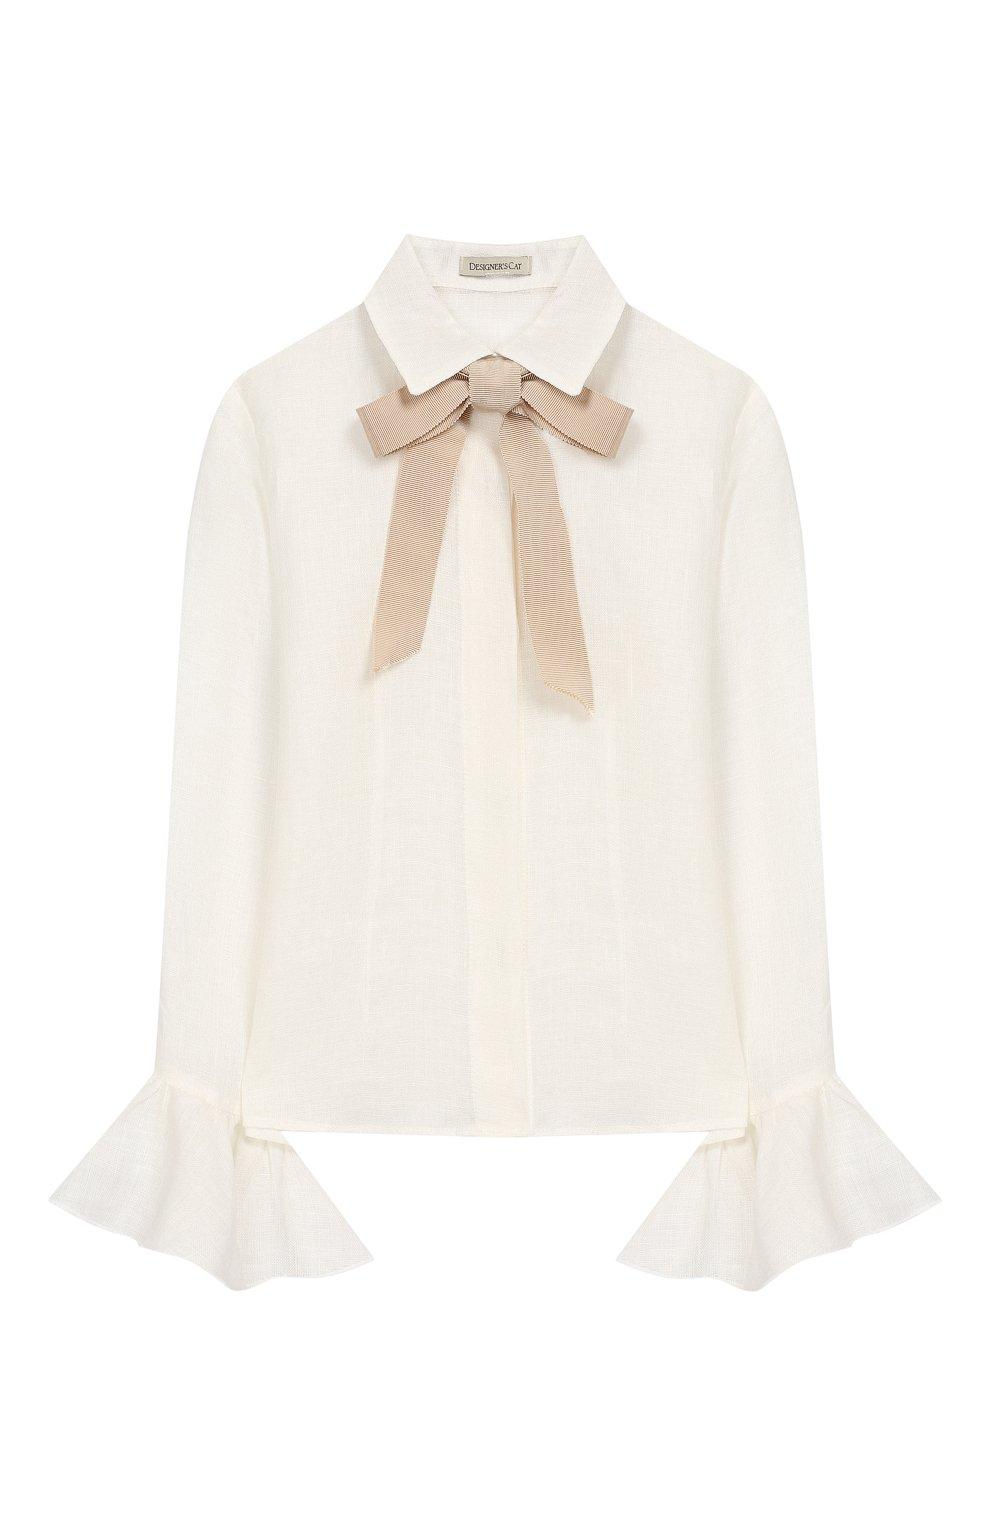 Детский комплект из юбки и блузы с жакетом DESIGNERS CAT бежевого цвета, арт. 100000K01000090/4A-8A   Фото 3